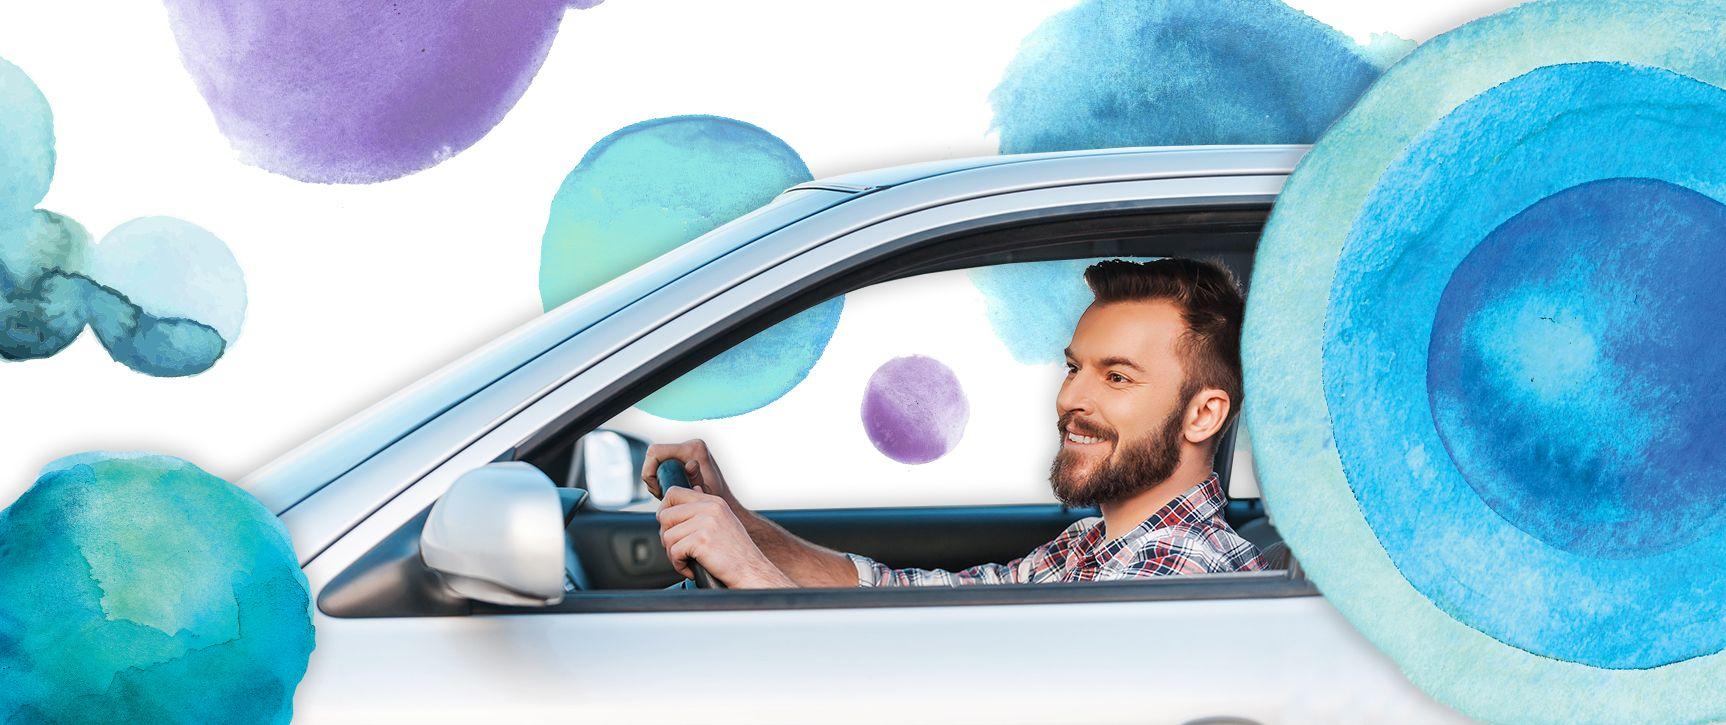 soczewki-kontaktowe-a-prowadzenie-samochodu